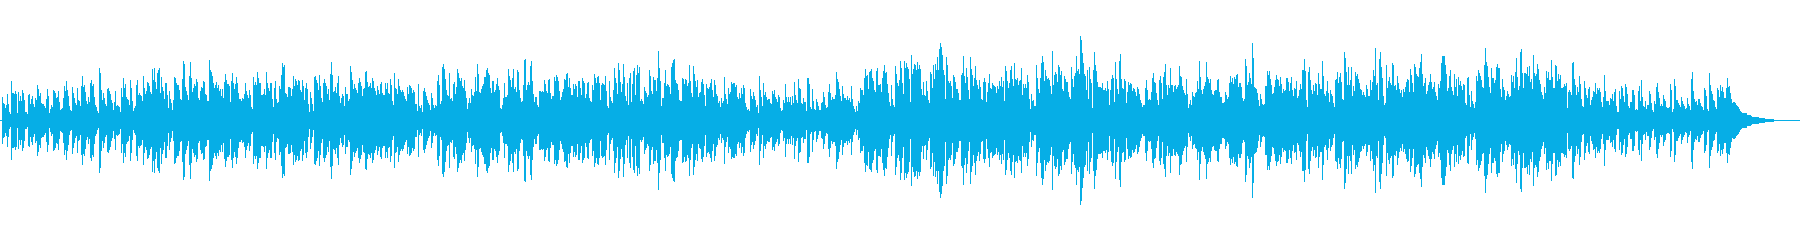 プロジャズシンガーが歌うクリスマスソングの再生済みの波形